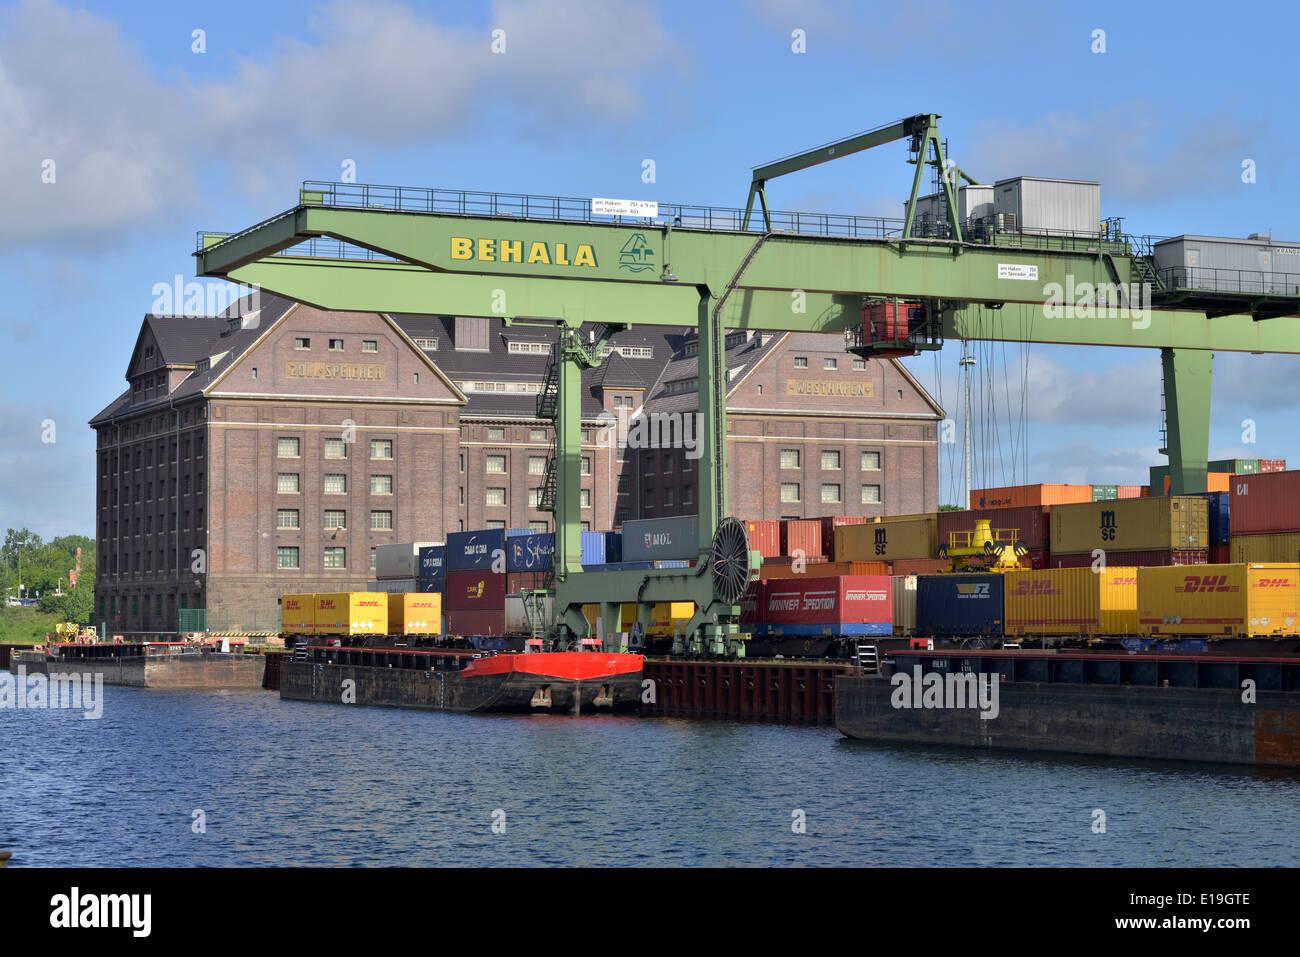 Behala, Westhafen, Berlin, Deutschland - Stock Image